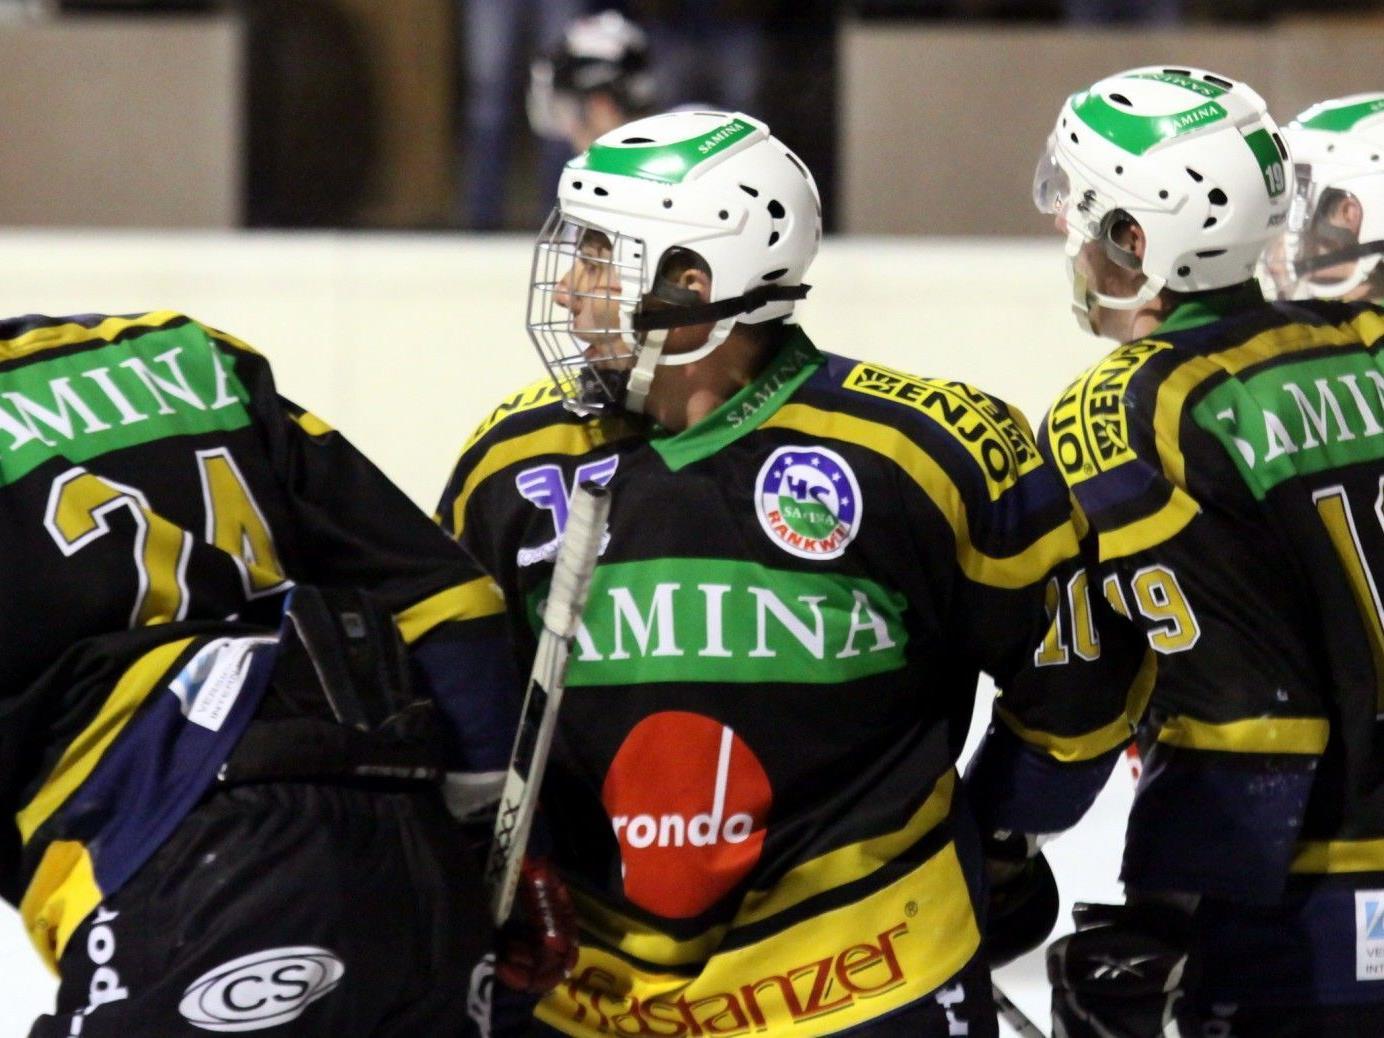 HC Samina Rankweil feierte den ersten Saisonsieg in der Schweiz dank einem starken Furioso.